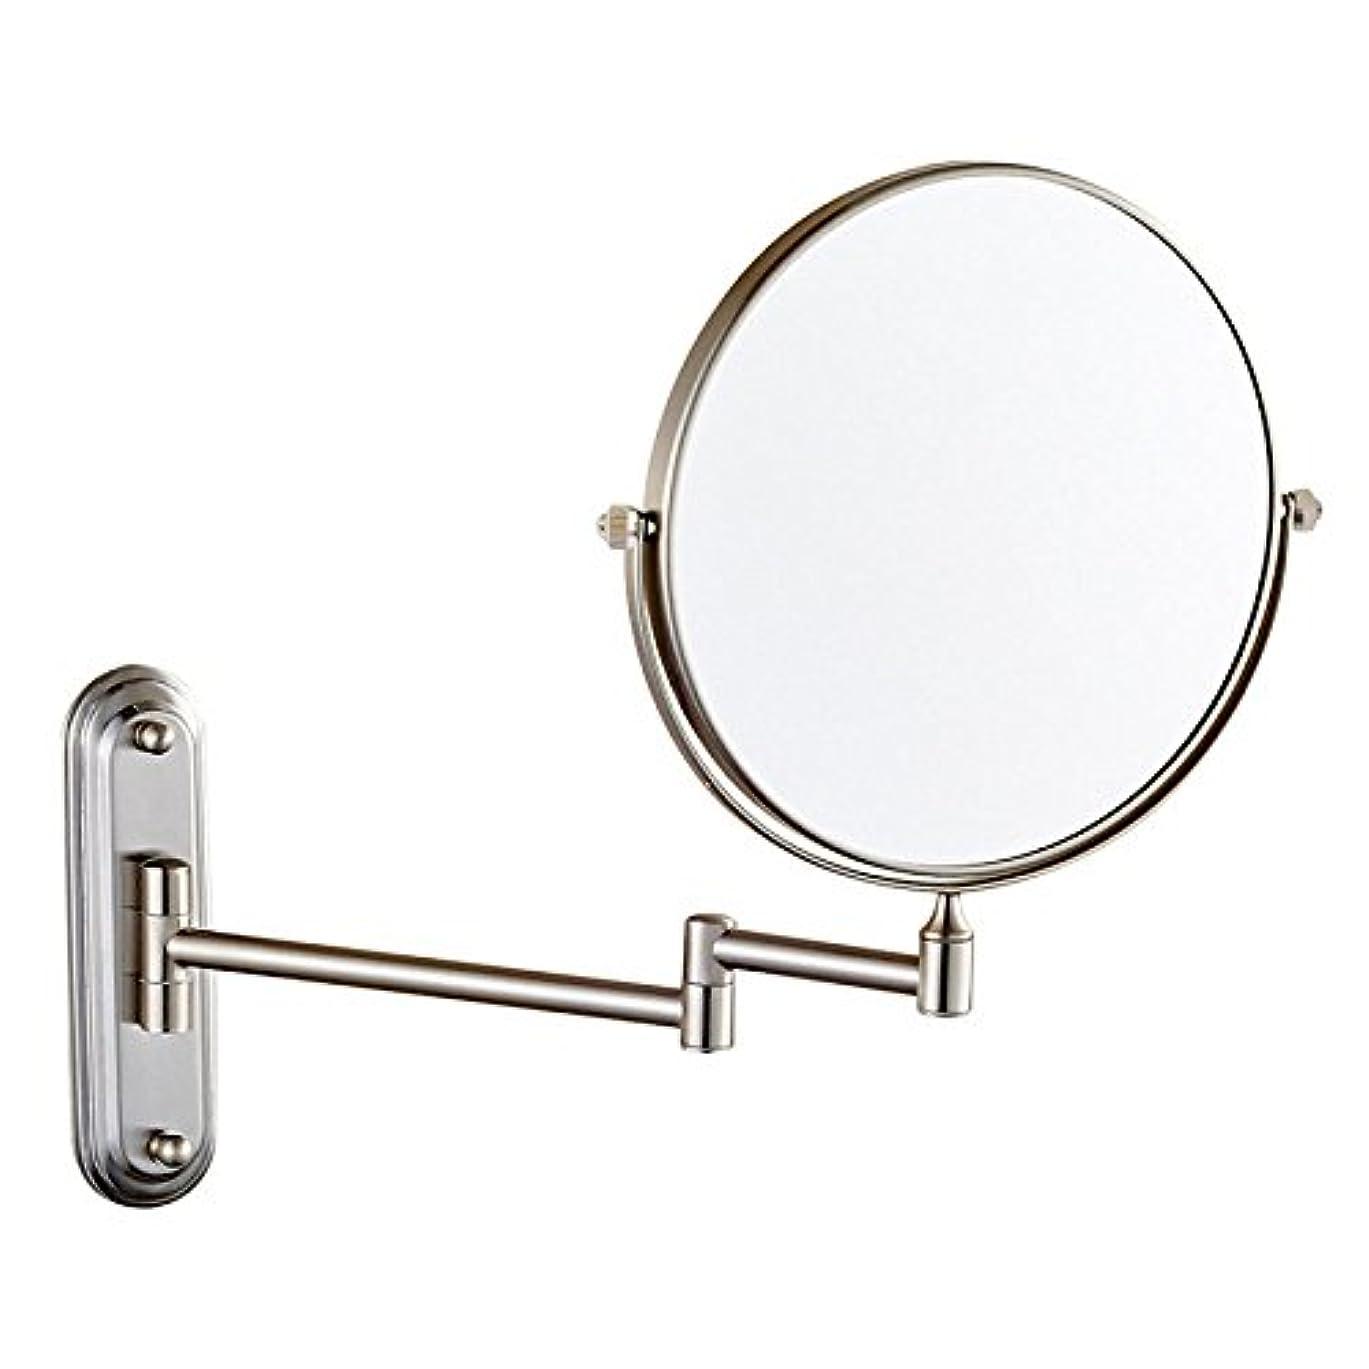 魅惑するページェントたっぷりバスルーム、シェービングミラー、回転ミラー、バスルーム、メイクアップミラー、折りたたみ、クリエイティブ、化粧品ミラー、双方向ミラー、拡大鏡、,Antique-8